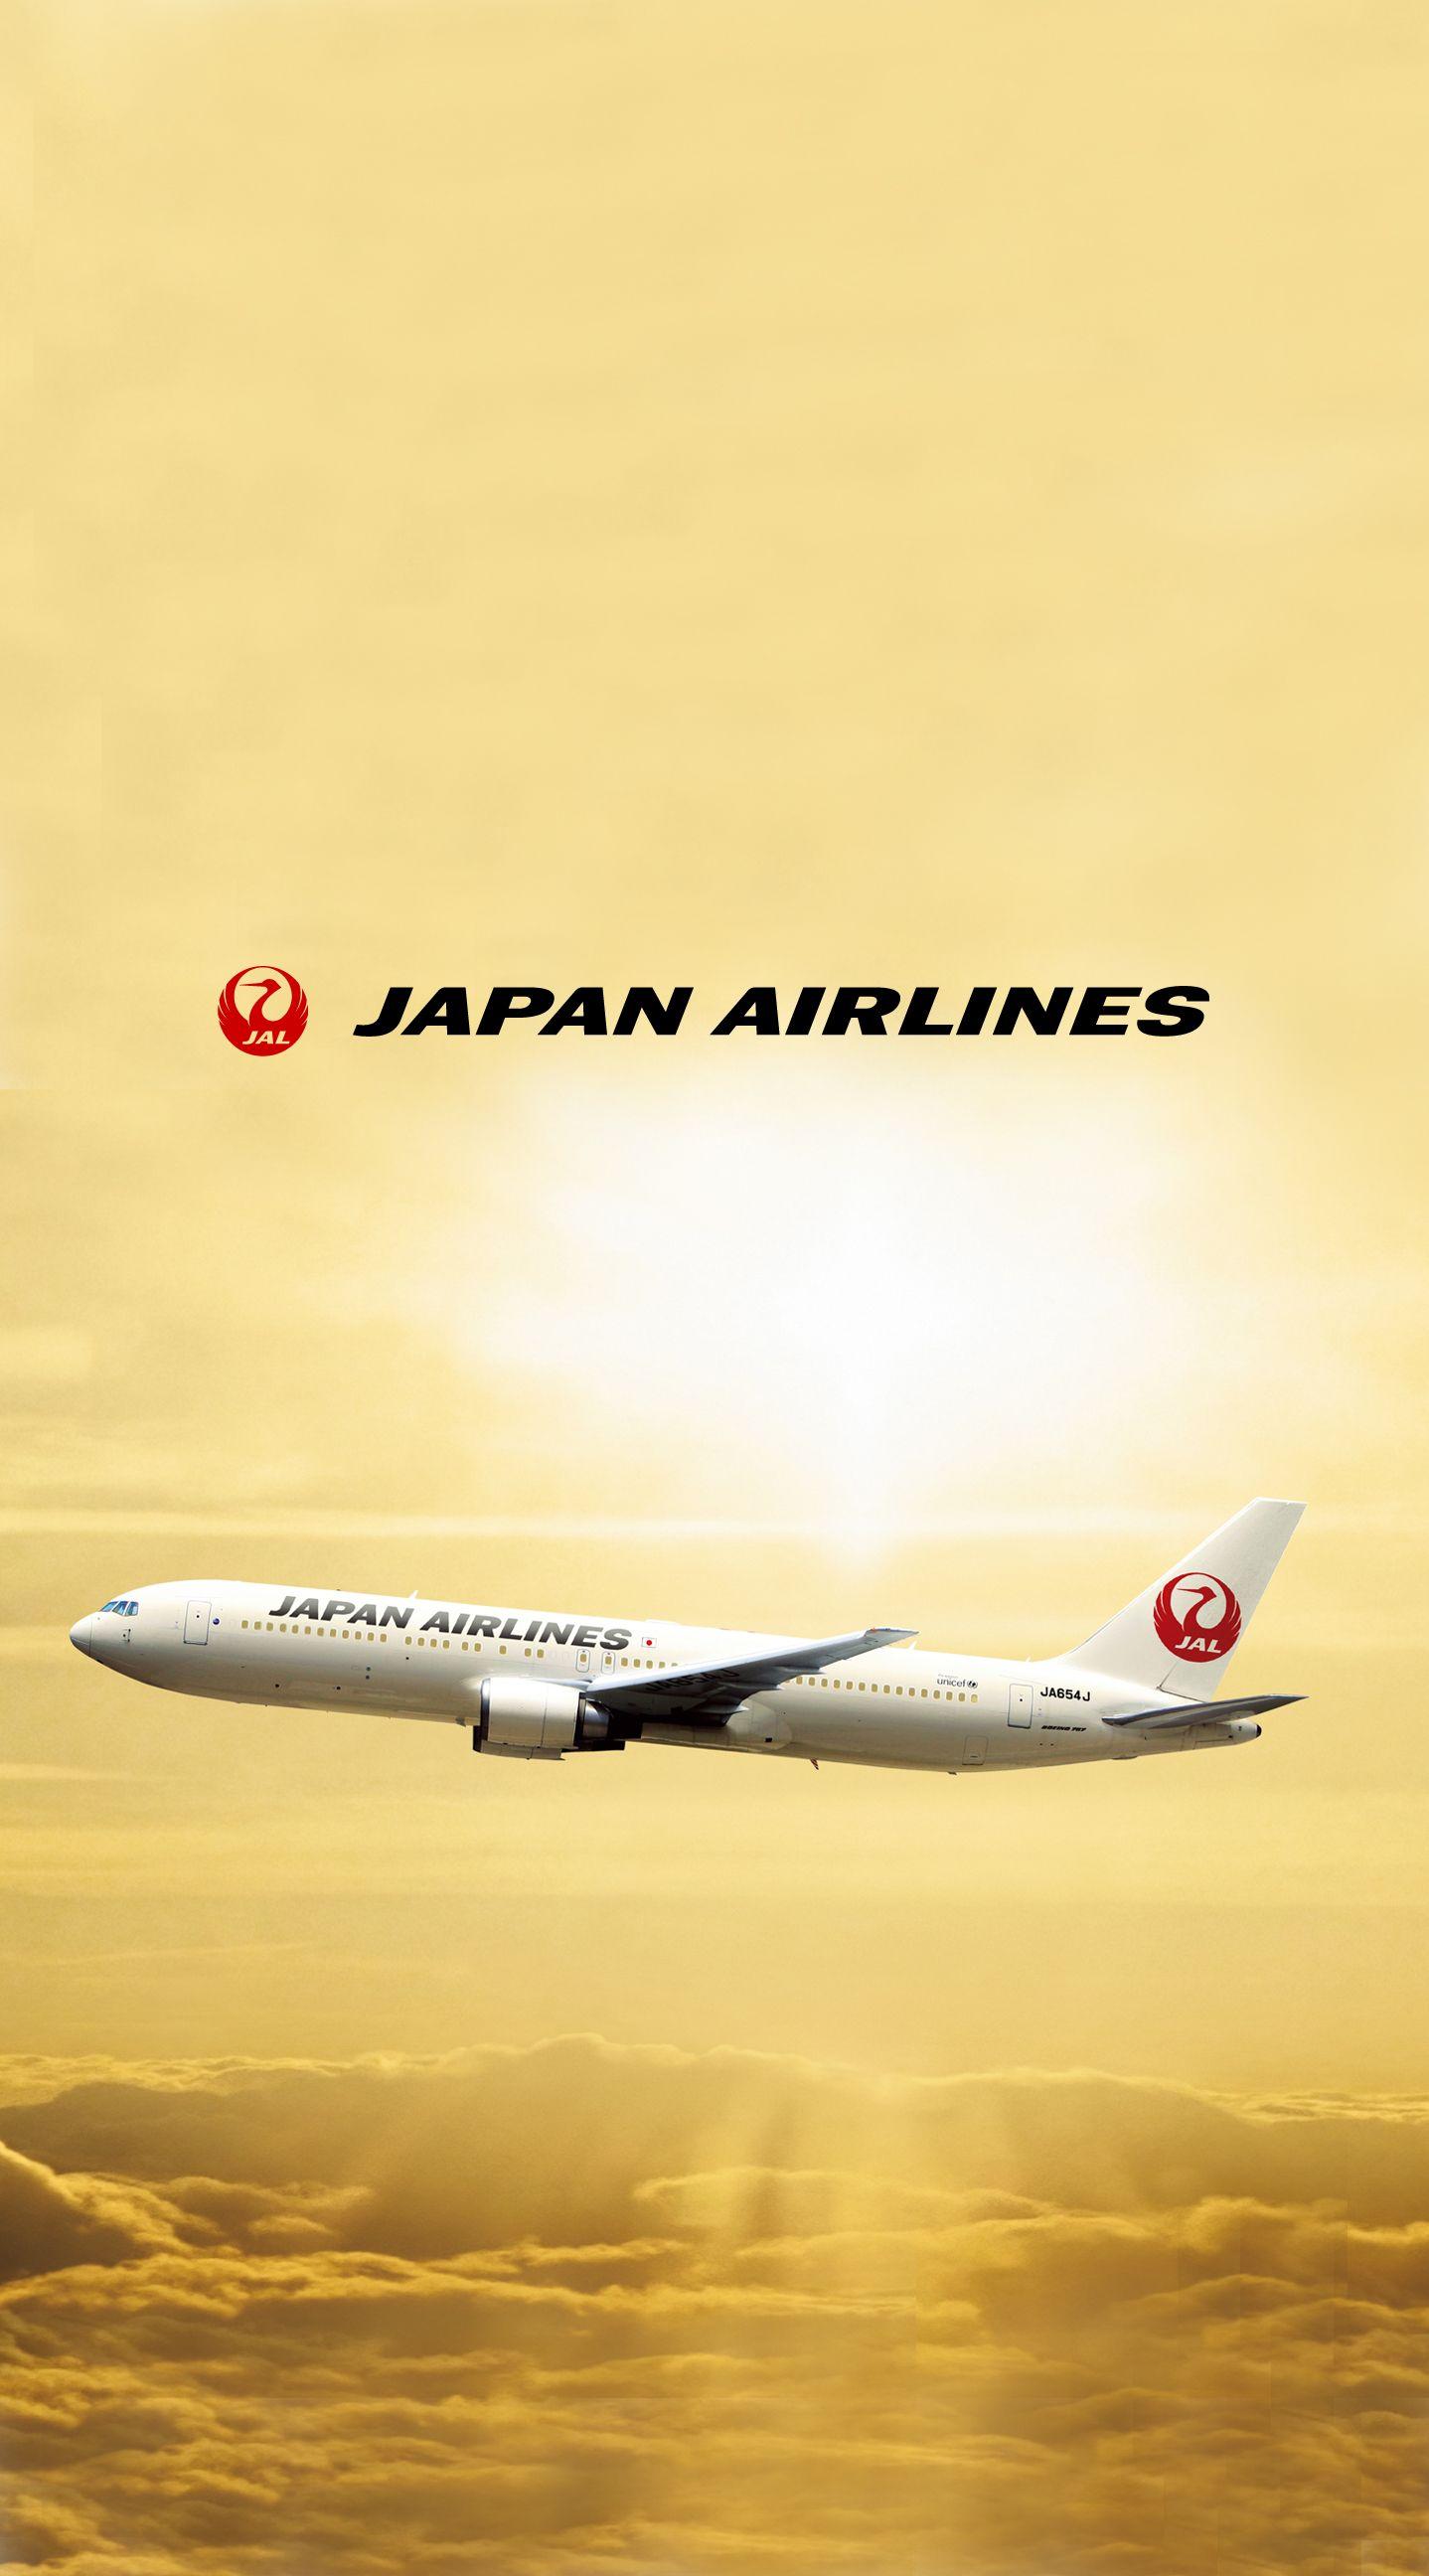 Jal 日本航空 日本航空 壁紙 Jal Wallpaper Jal 飛行機 飛行機